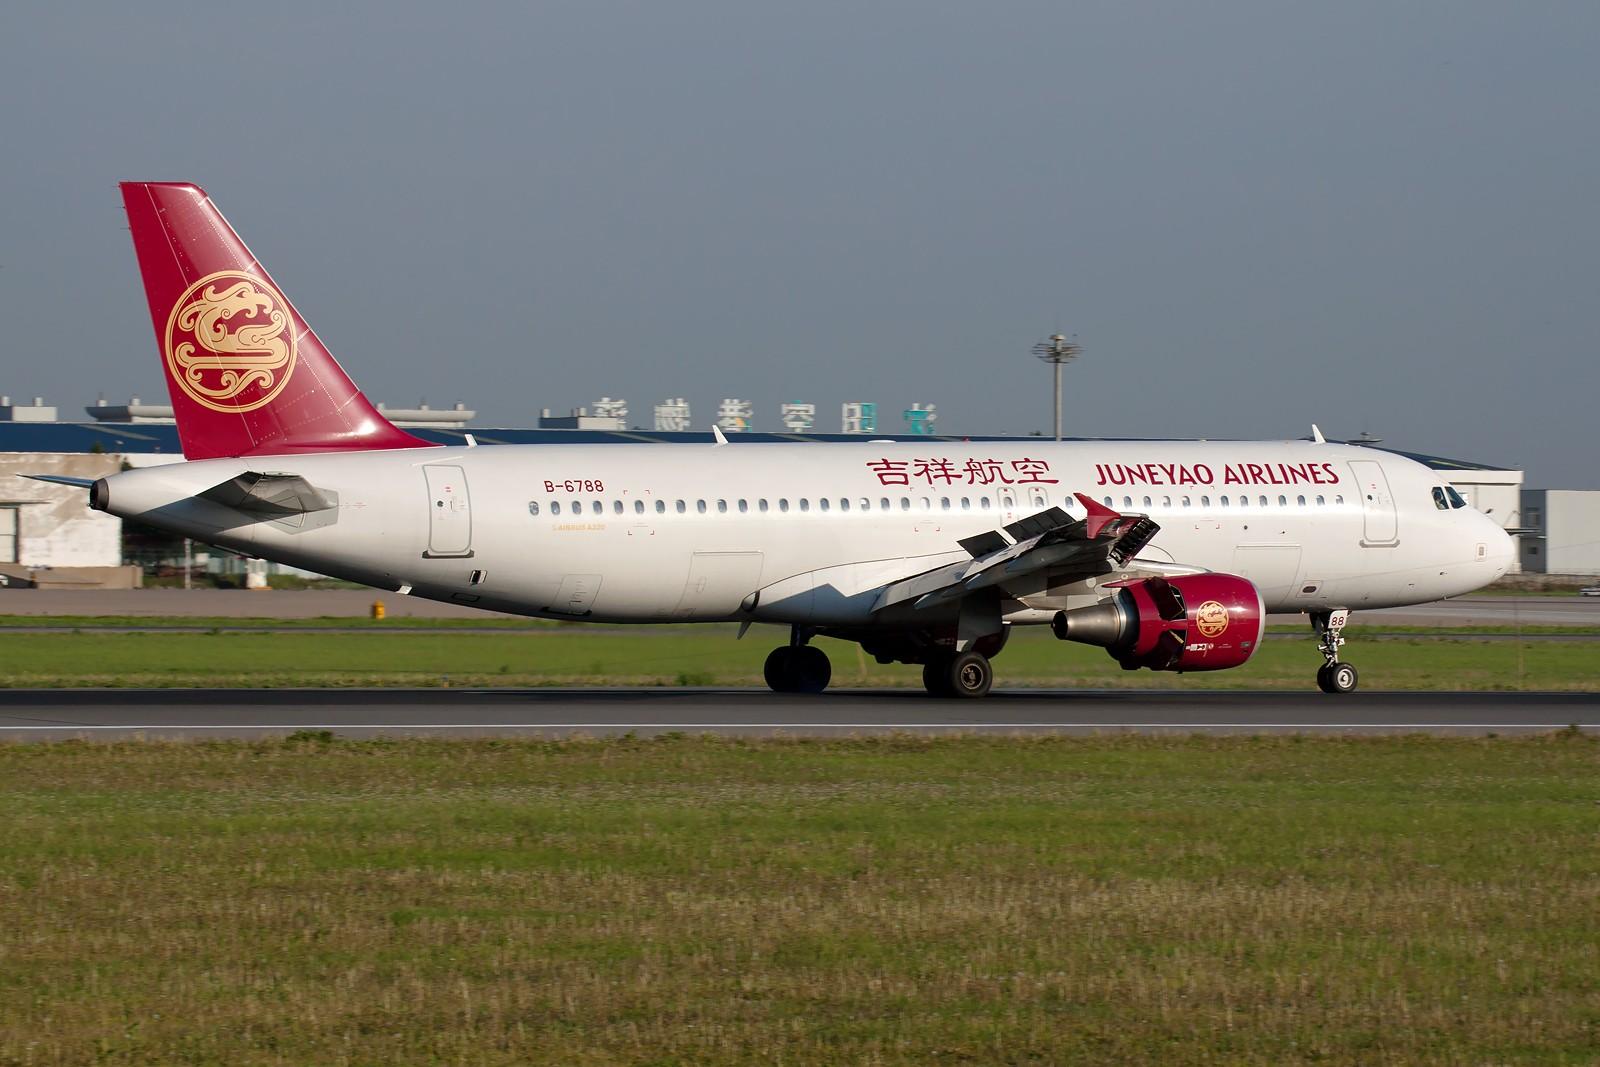 Re:[原创]周末SHE拍机组图【20P】 AIRBUS A320-214 B-6788 中国沈阳桃仙机场